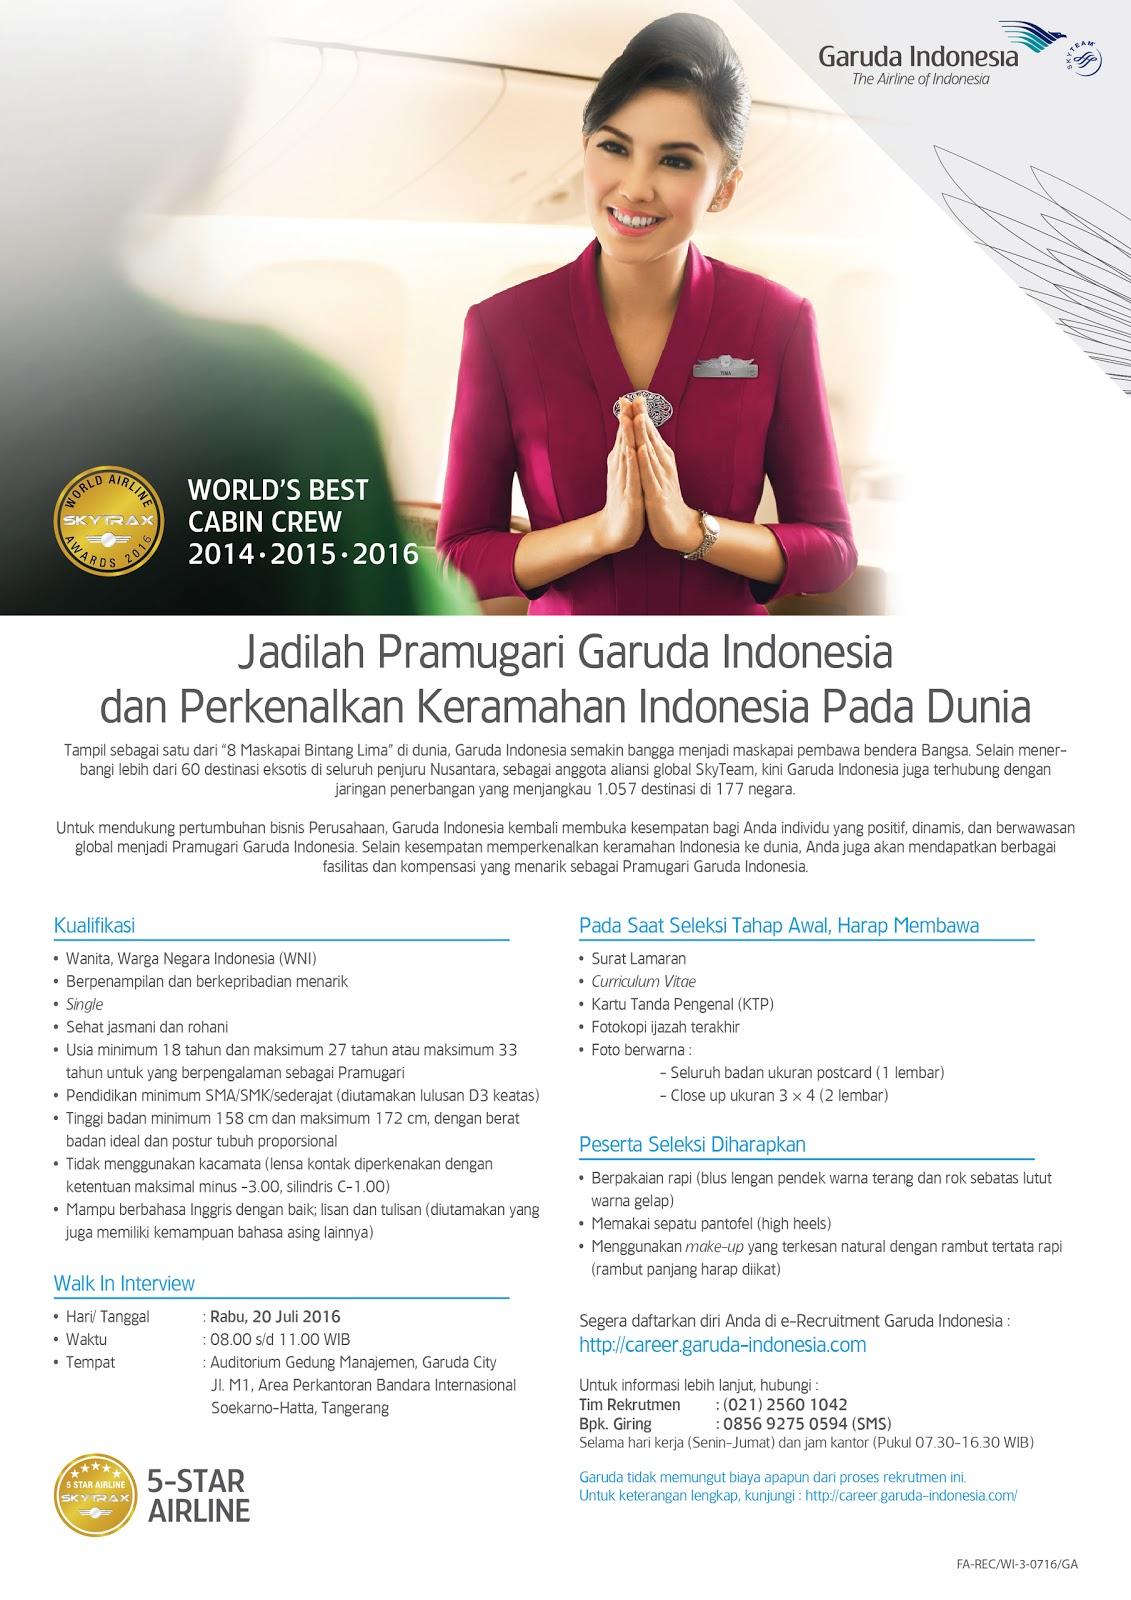 Lowongan Kerja Pramugari Garuda Indonesia Terbaru 2016 - Loker Update b67e439773